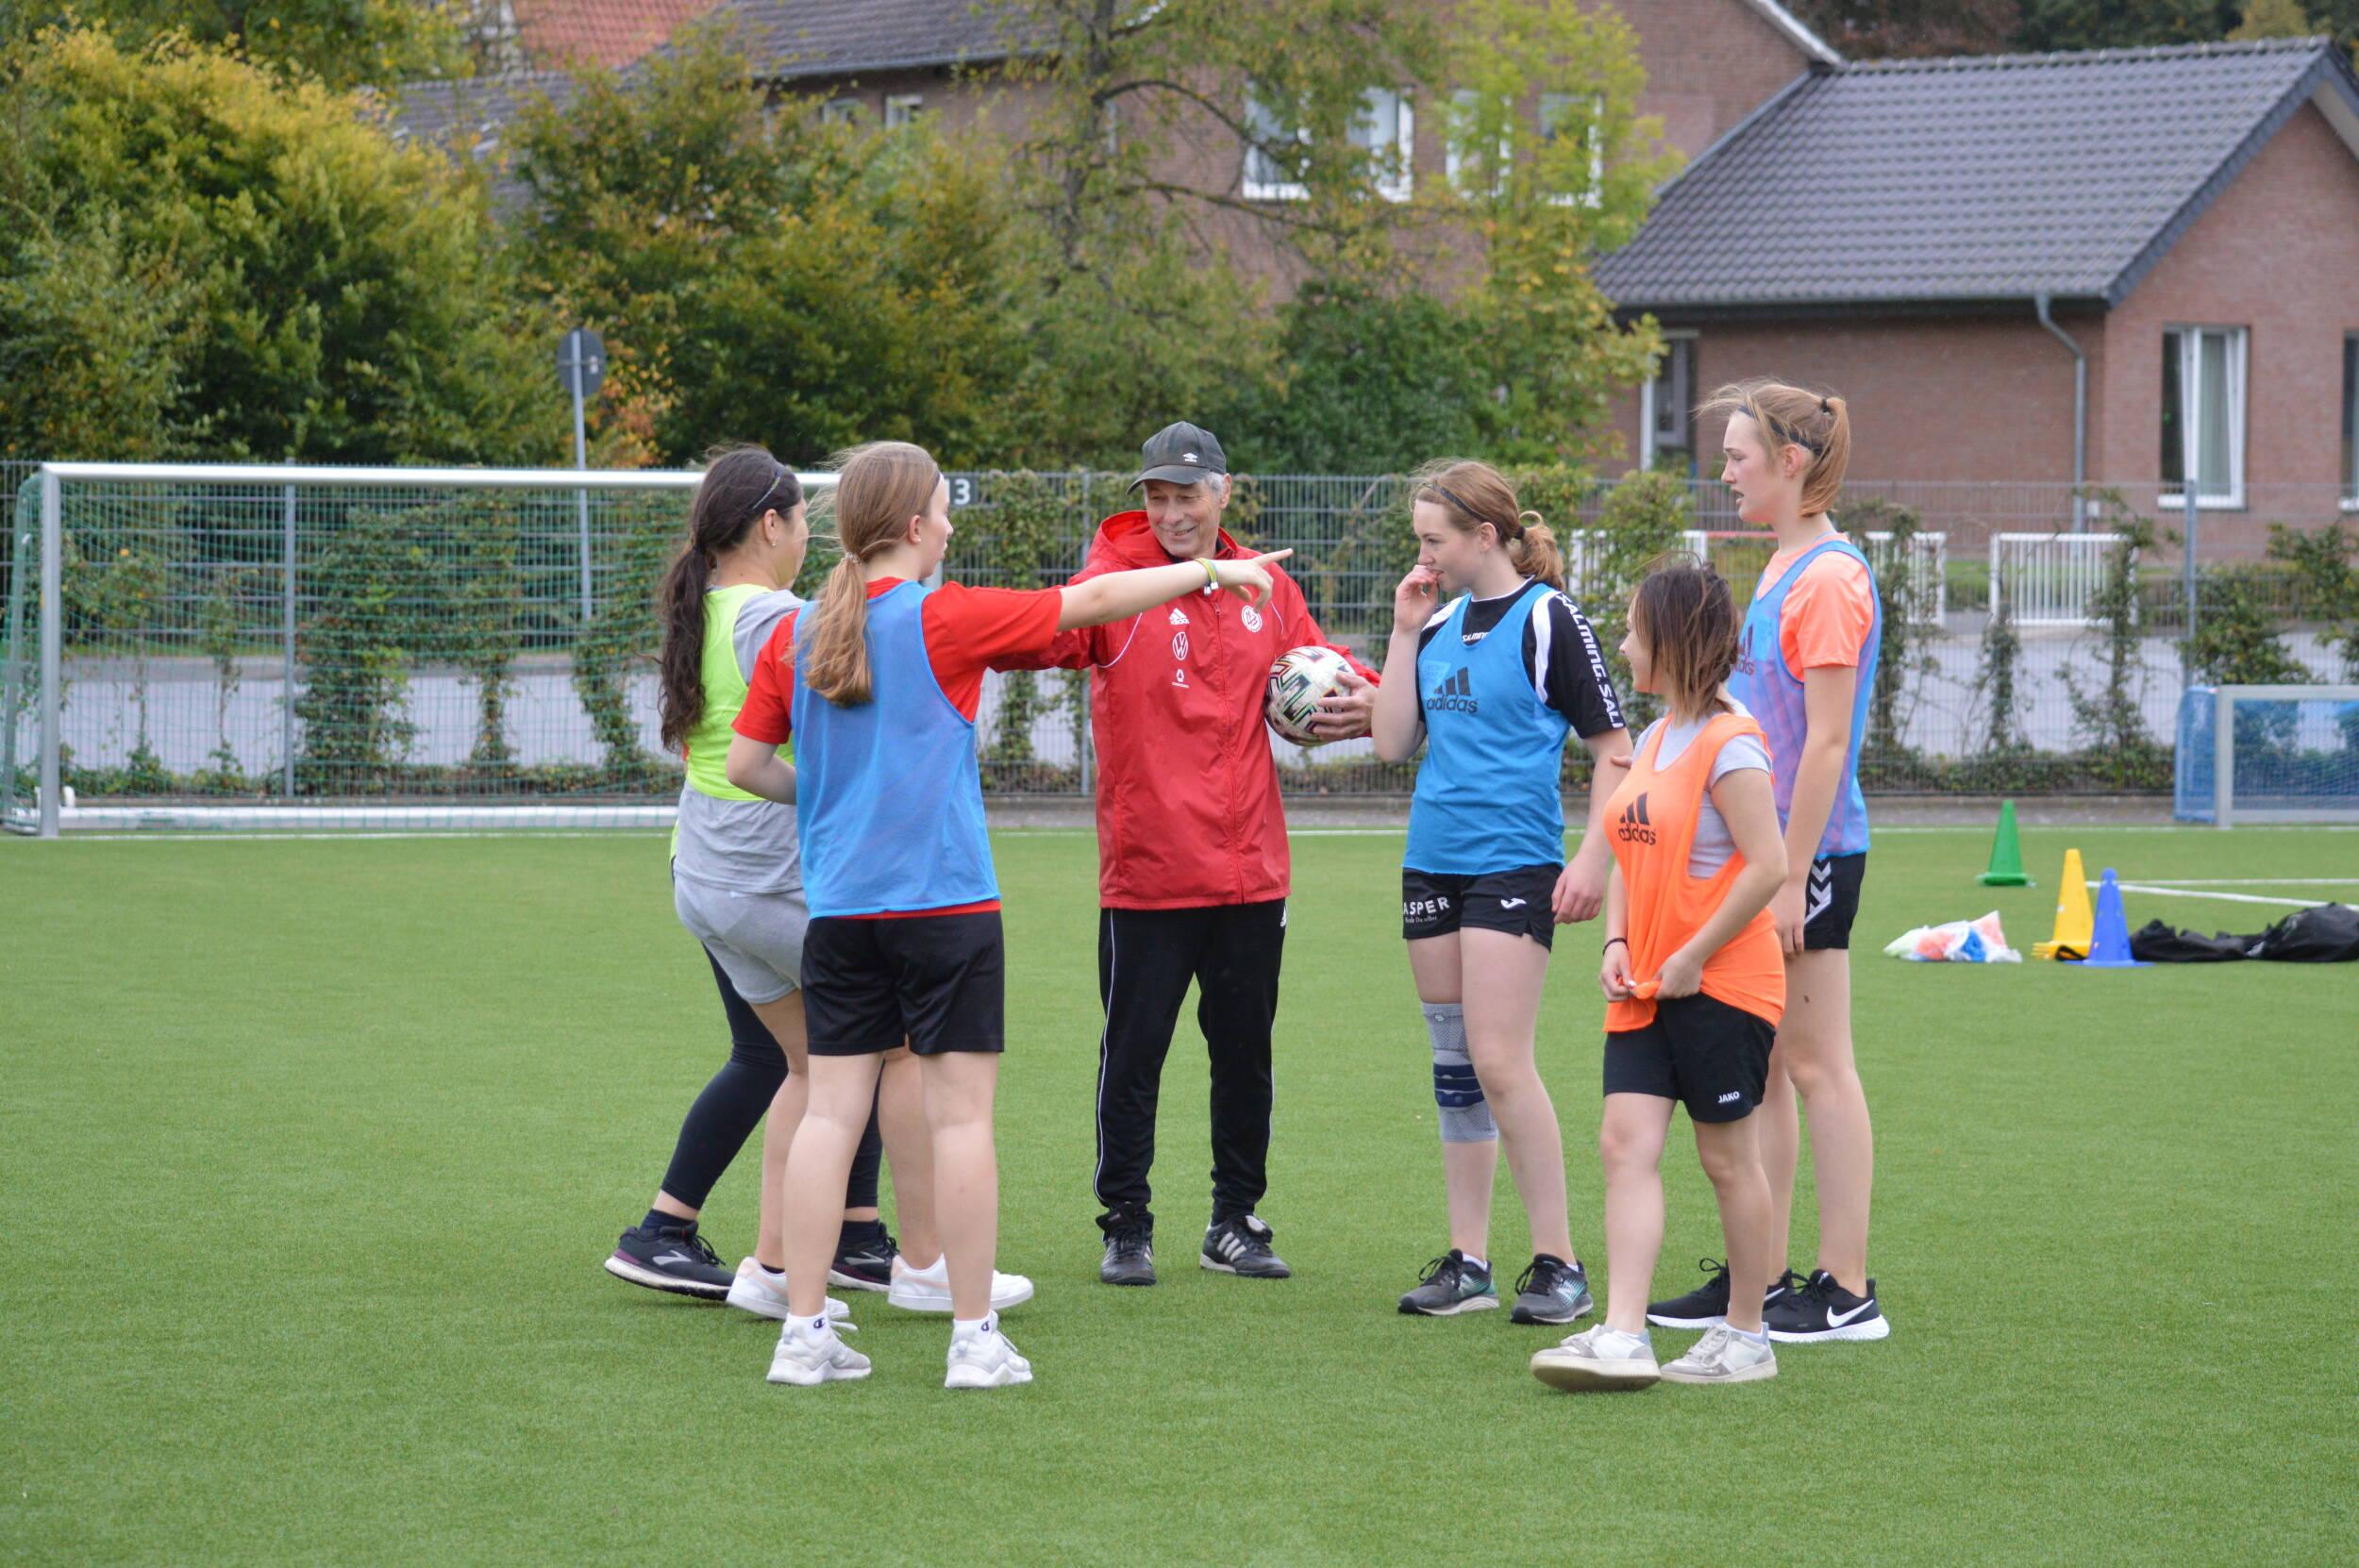 Fußball<br>Tag des Mädchenfußballs an der Gesamtschule